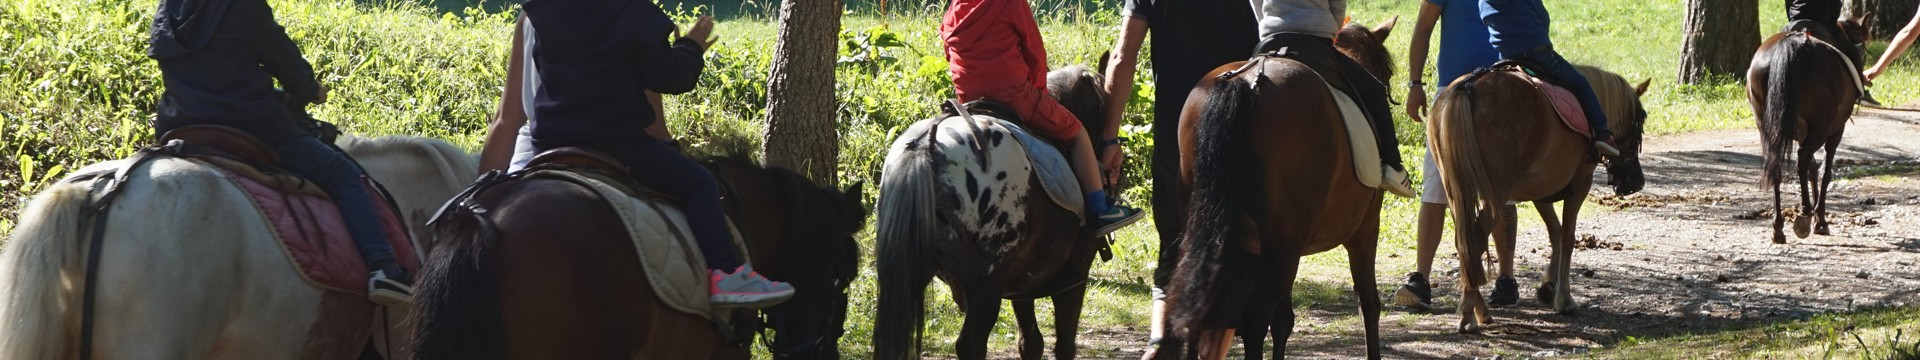 chevaux-ete-9185